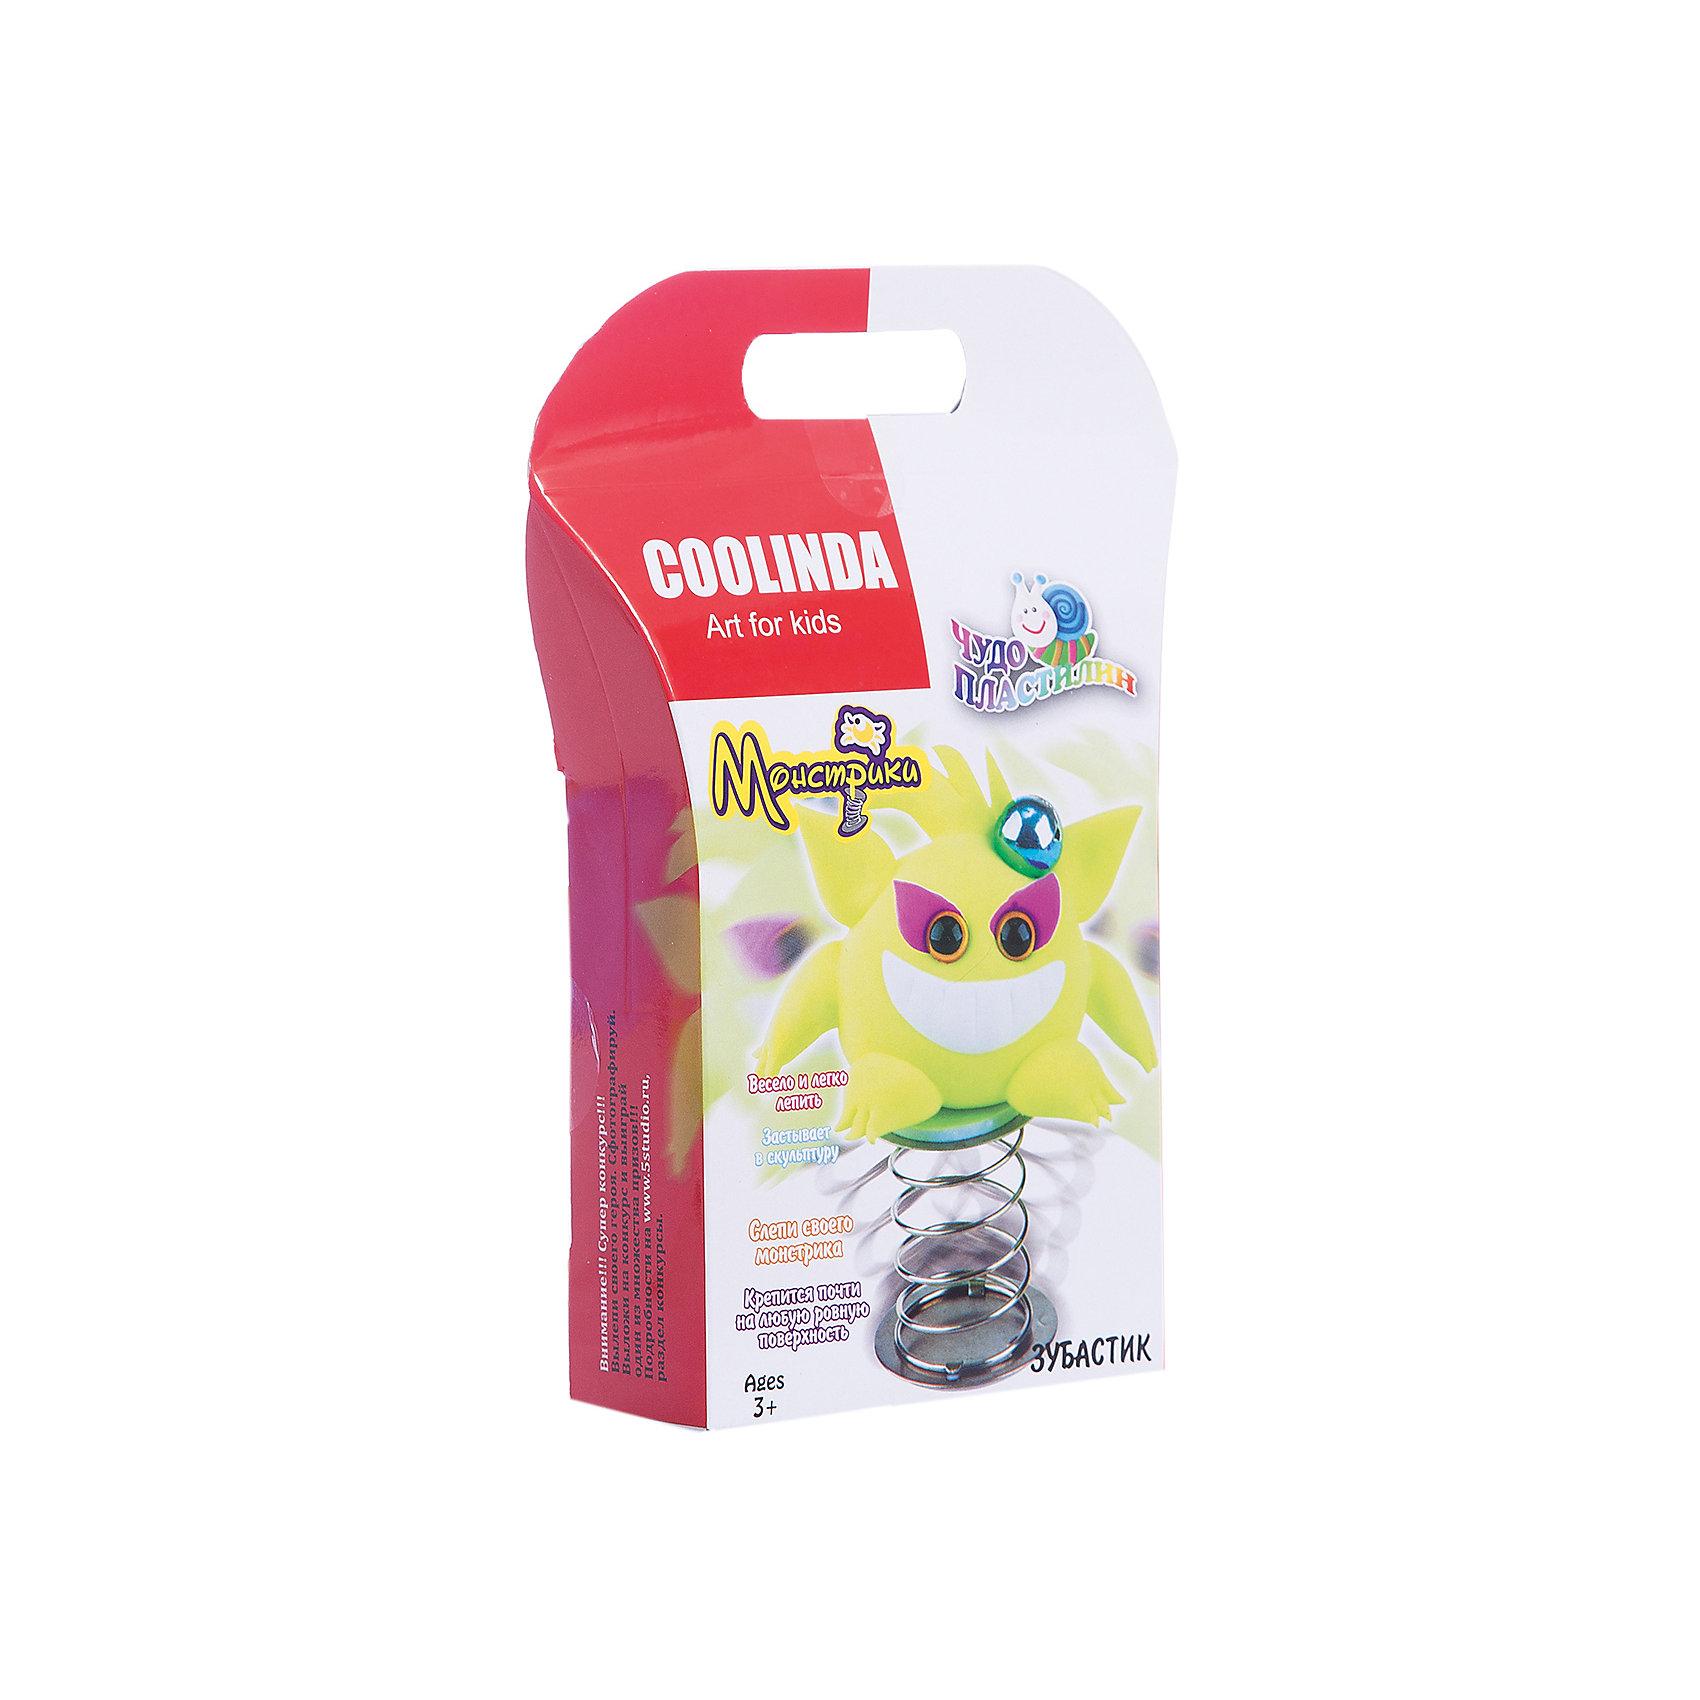 Чудо Пластилин Скульптор Монстрик ЗубастикНаборы для лепки<br>Характеристики:<br><br>• Предназначение: для лепки<br>• Материал: полимерный материал<br>• Цвет: неоновый желтый<br>• Комплектация: масса для лепки, инструменты для лепки, пружинка, пластиковые глазки, инструкция<br>• Упаковка: картонная подложка<br>• Размеры упаковки (Д*Ш*В): 3*14,5*17,5 см<br>• Вес в упаковке: 28 г<br><br>Пластилин выполнен из инновационного материала, который абсолютно безопасен, не имеет запаха и не вызывает раздражений на коже. Он легко разминается, не рассыпается на песчинки, не крошится и не оставляет жирных следов на руках. При этом хорошо держит форму, благодаря способности застывать через определенное время. Из пластилина можно слепить монстрика по инструкции или создать свою фигурку.<br><br>Чудо Пластилин Скульптор Монстрик Зубастик можно купить в нашем интернет-магазине.<br><br>Ширина мм: 30<br>Глубина мм: 145<br>Высота мм: 175<br>Вес г: 28<br>Возраст от месяцев: 36<br>Возраст до месяцев: 84<br>Пол: Унисекс<br>Возраст: Детский<br>SKU: 5124760